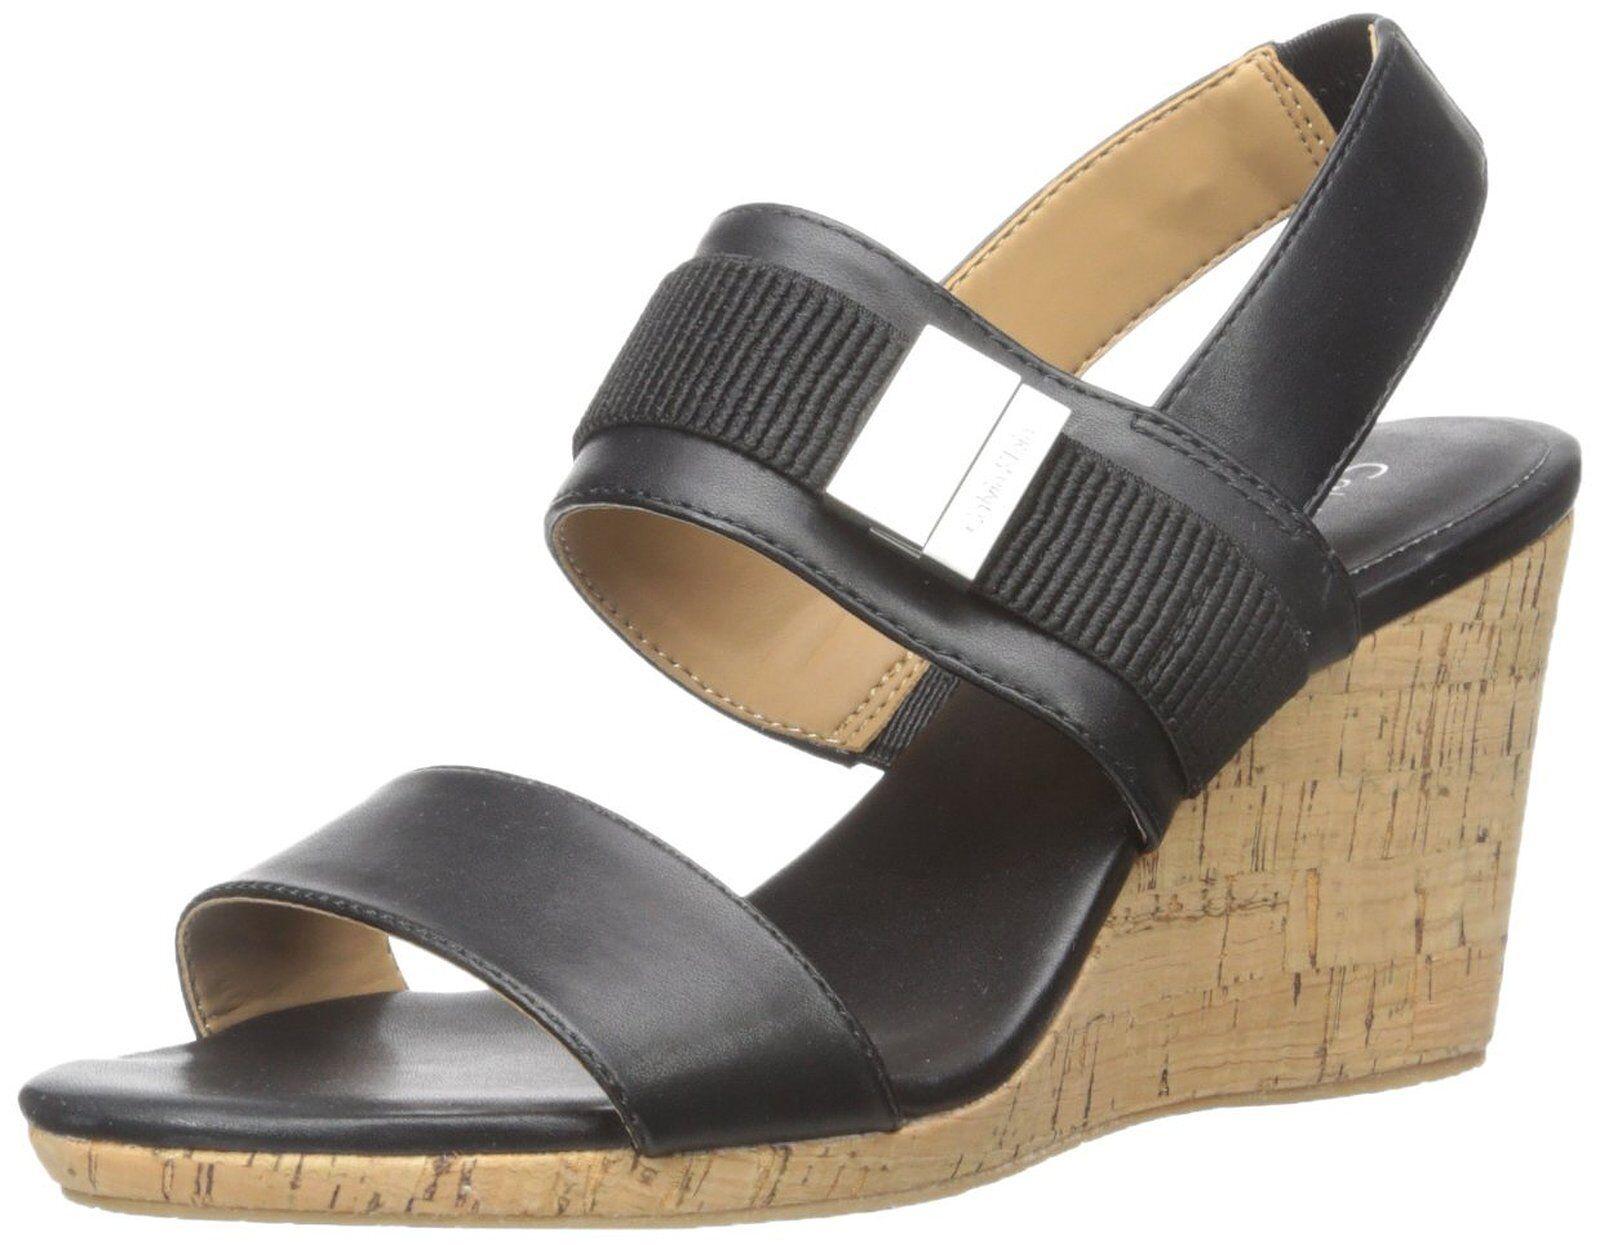 8.5M CALVIN KLEIN BRANDIE BLACK WEDGE HEEL SANDALS WOMEN Schuhe